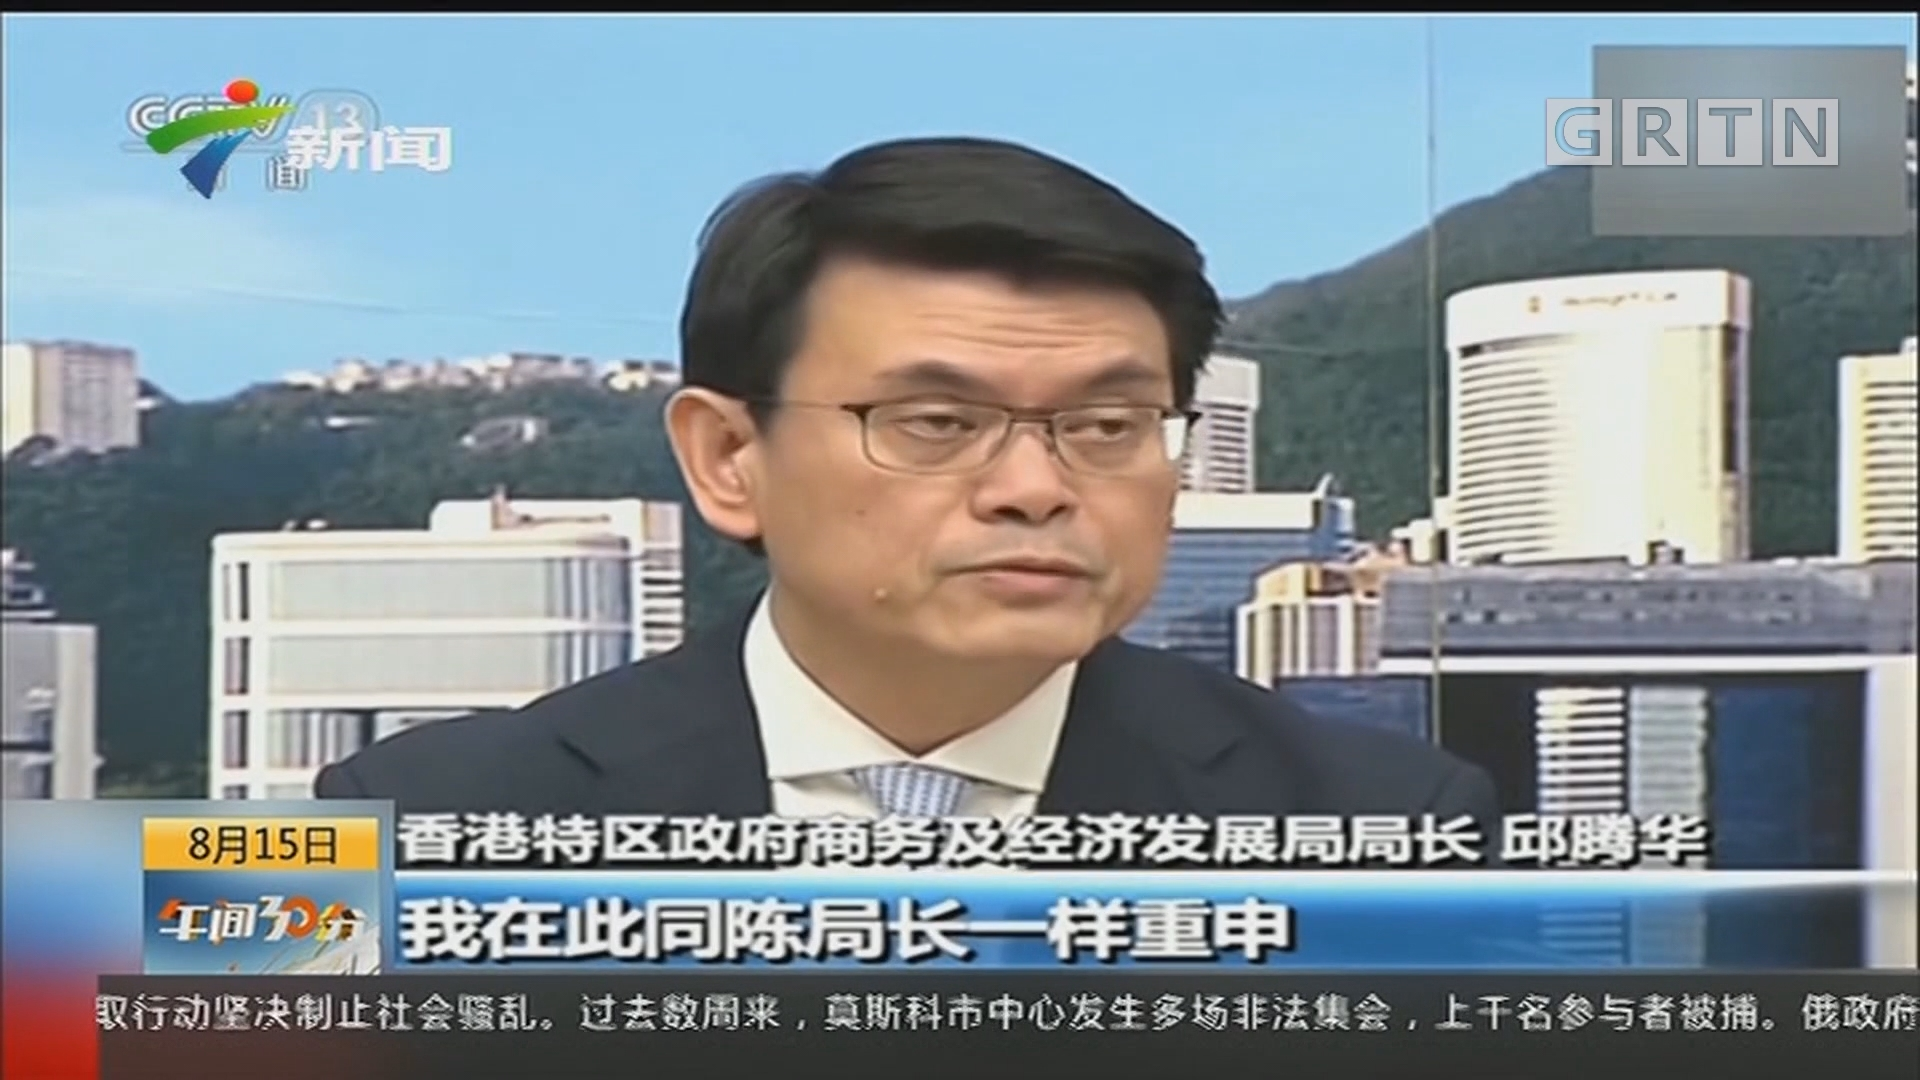 介绍非法示威集会造成影响:香港特区政府昨天举行跨部门记者会